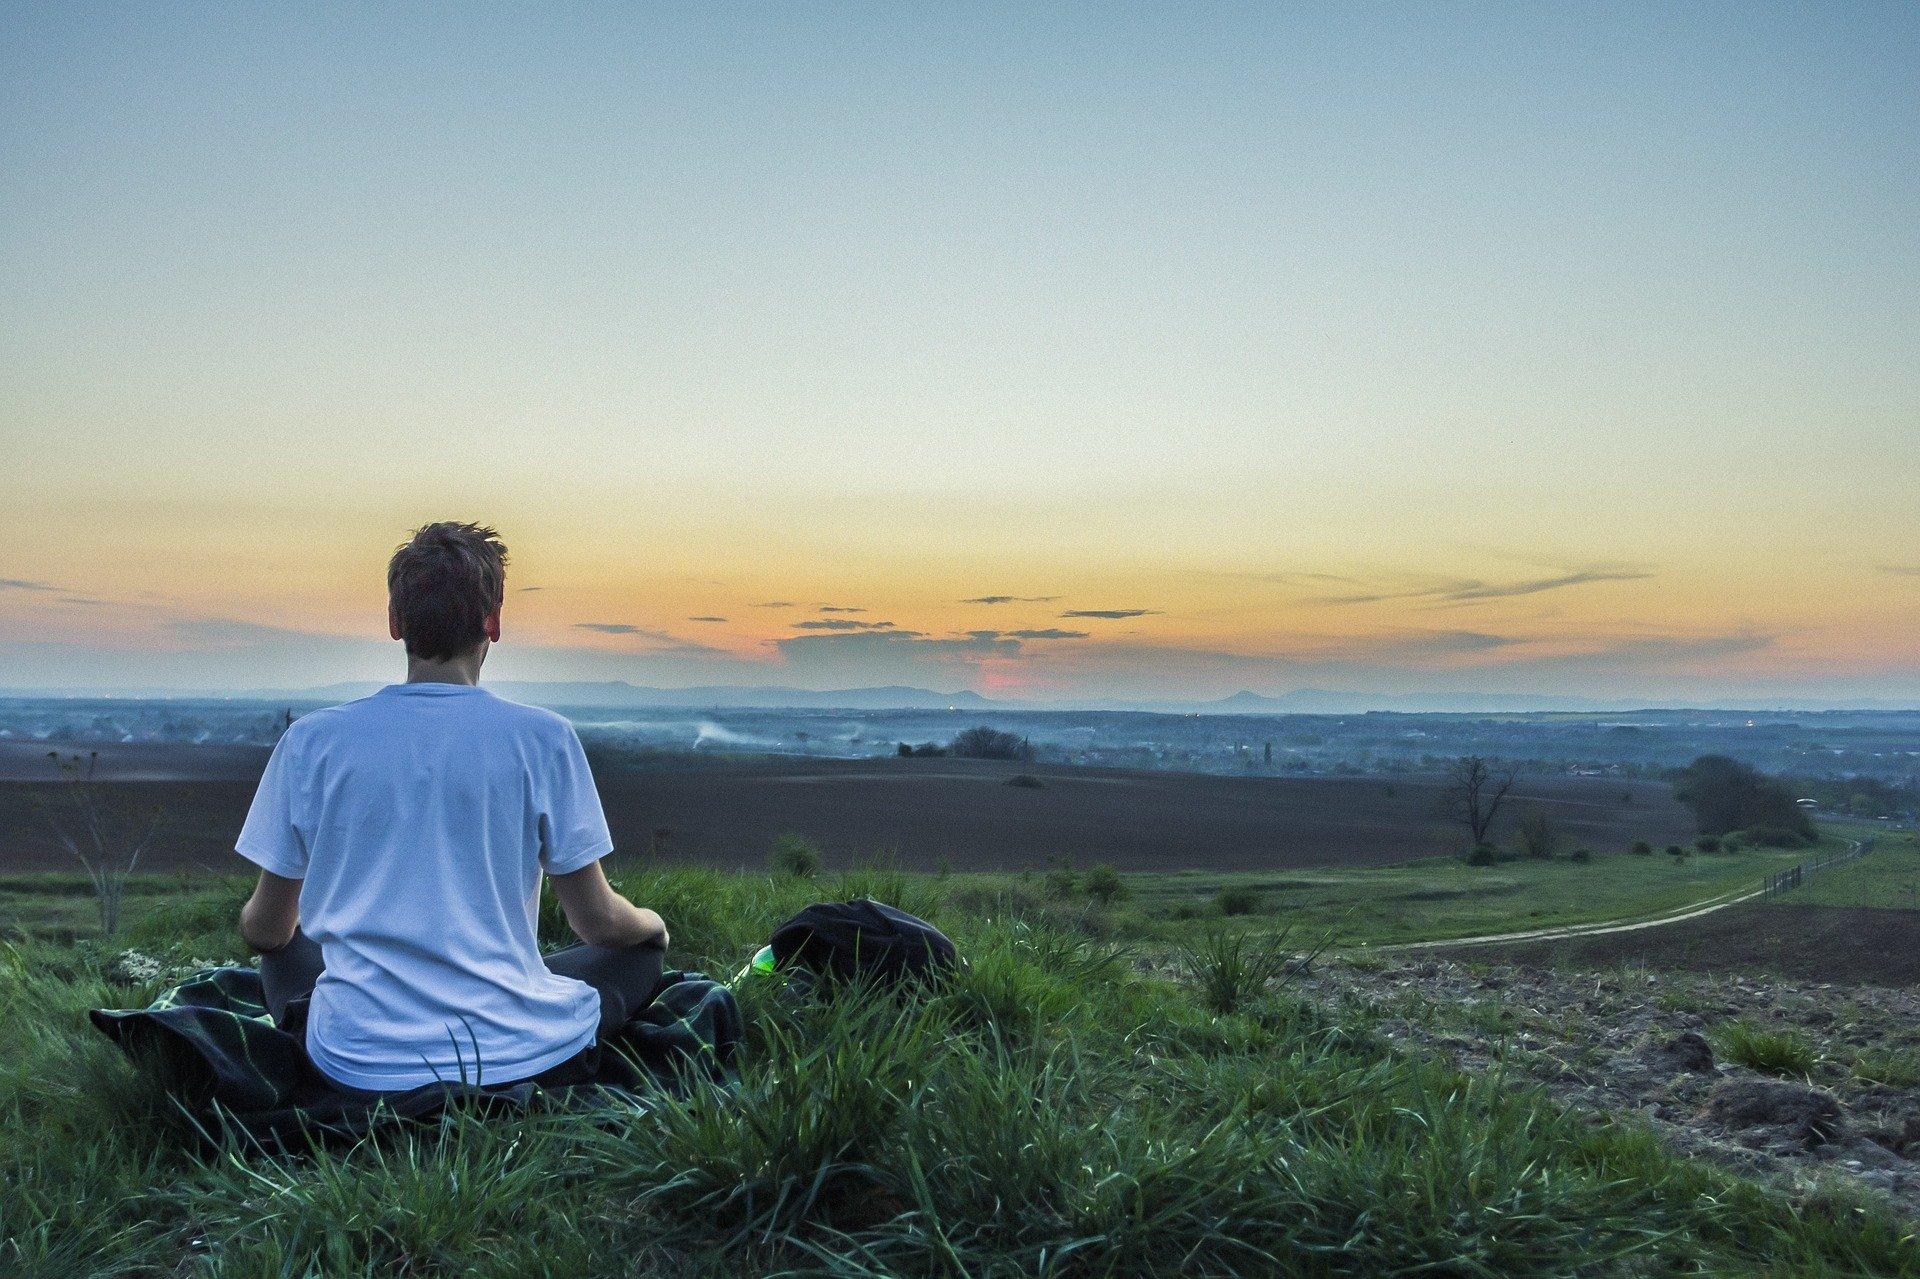 Le sit-spot est un lieu dans lequel vous allez pouvoir prendre le temps de réfléchir, rêver, ...